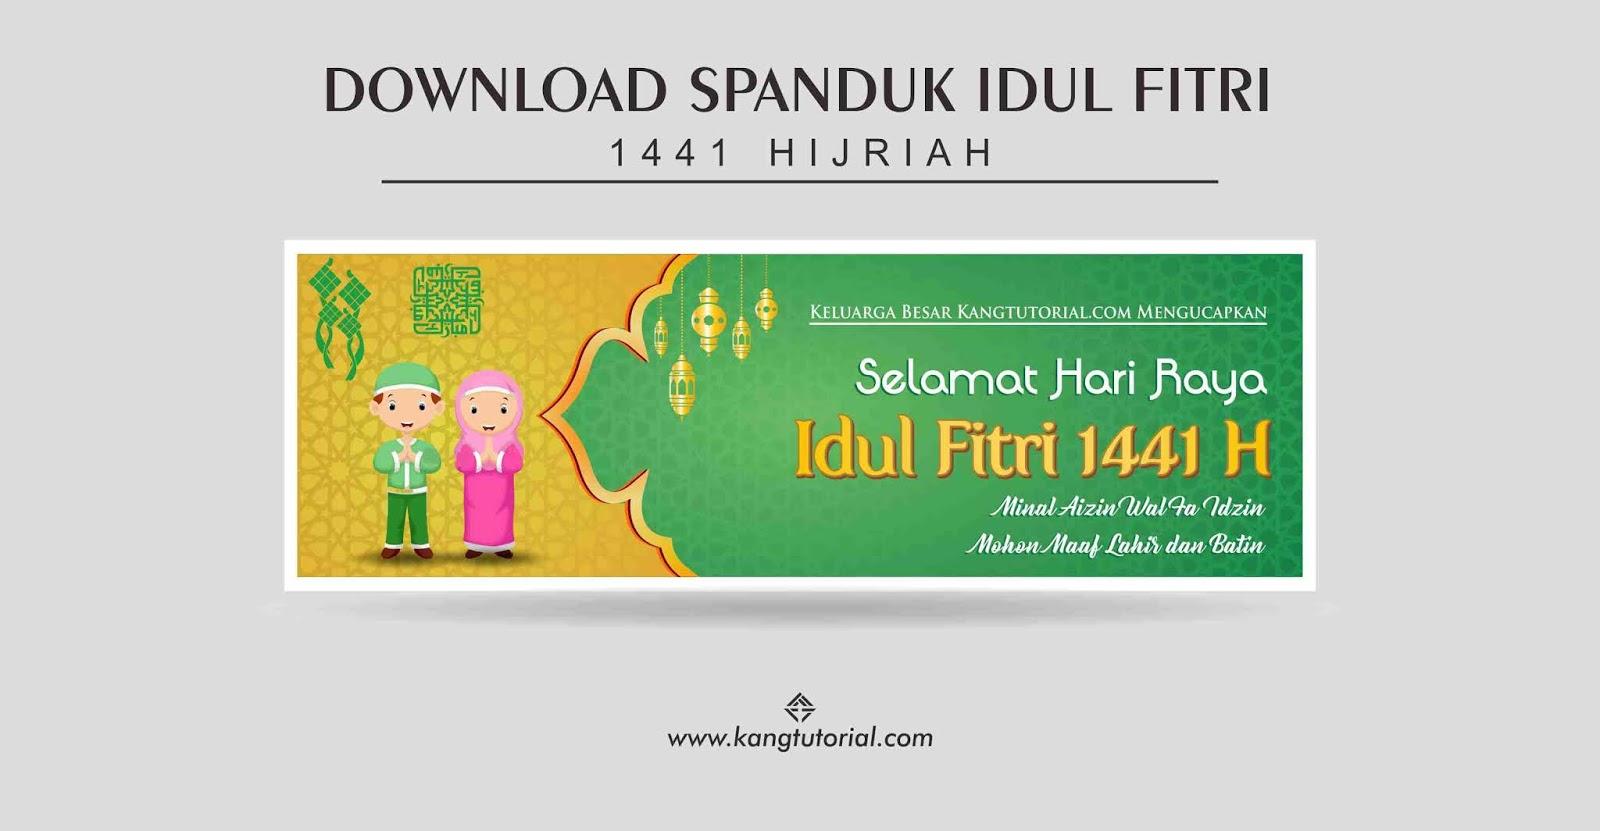 Download Spanduk Idul Fitri 1441 H Tahun 2020 Format CDR ...